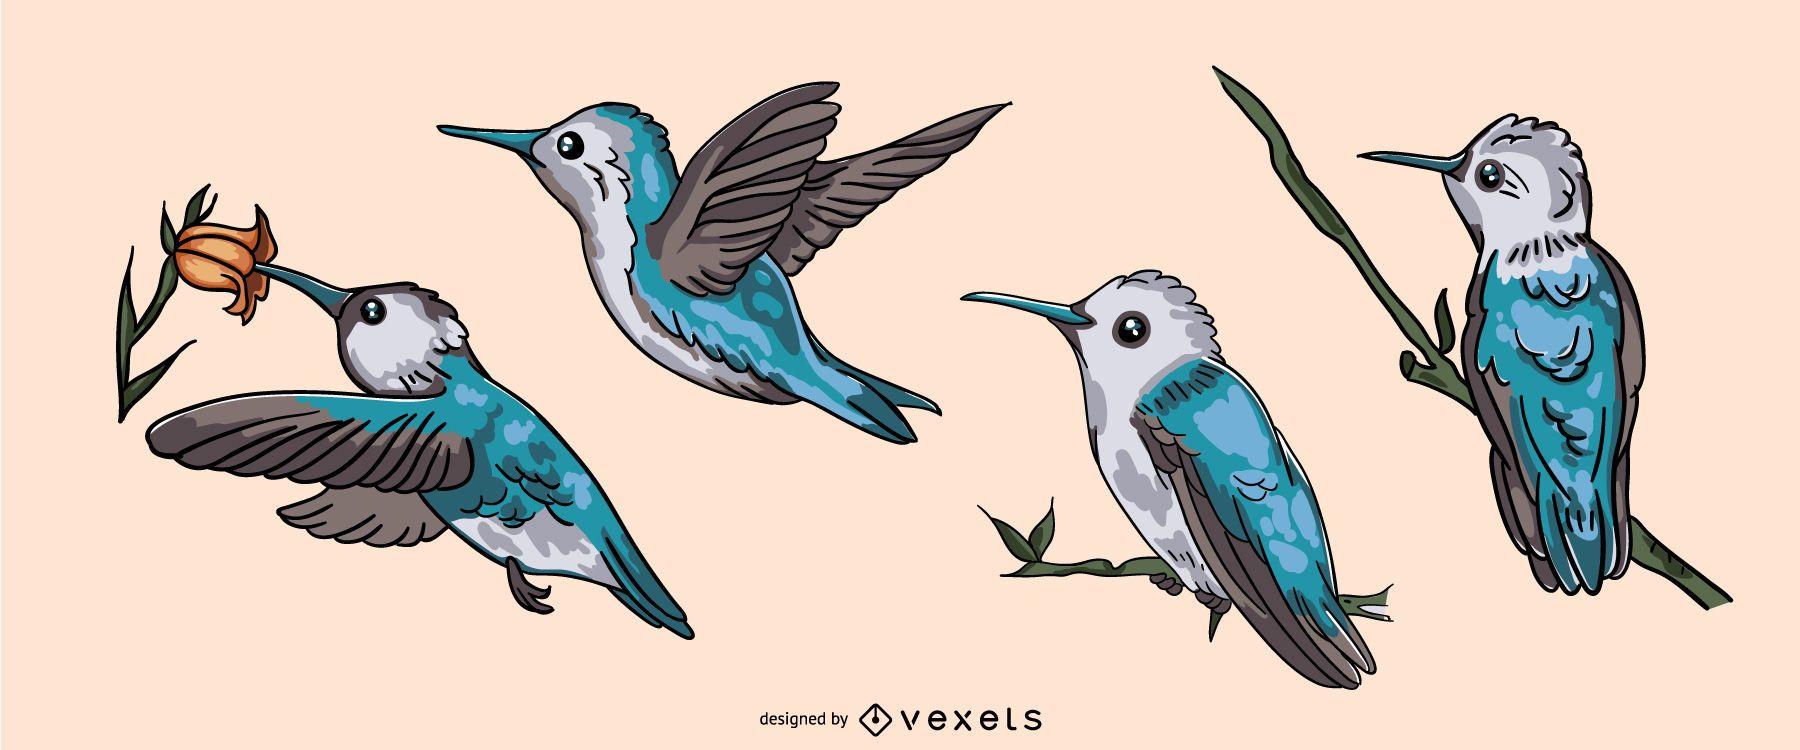 Realistic hummingbird illustration set